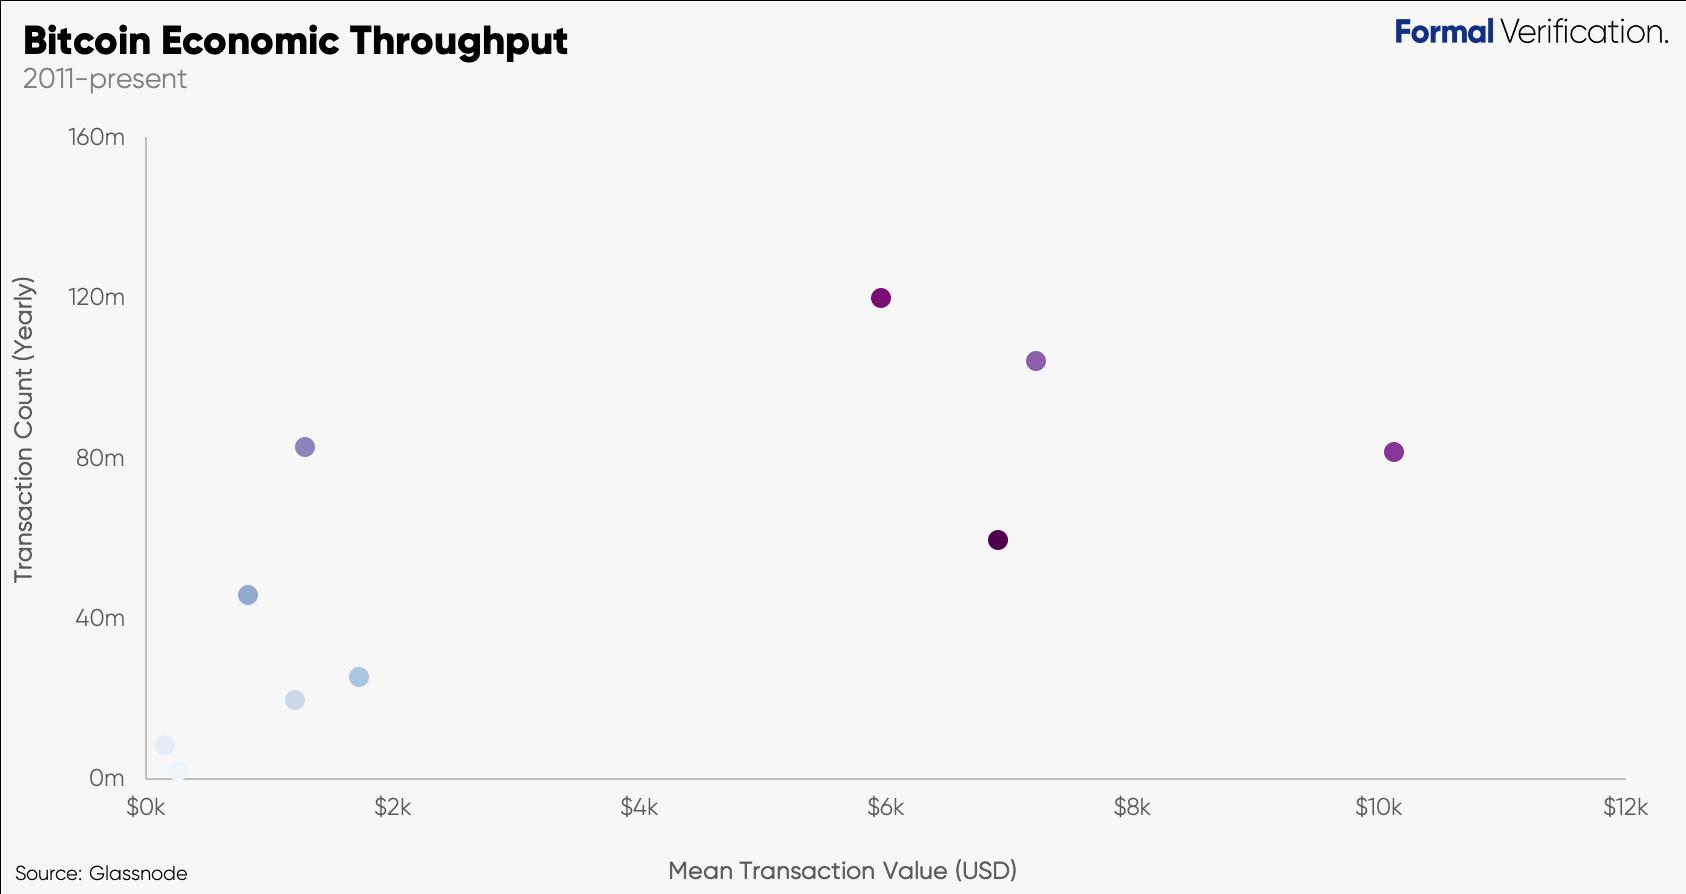 Сообщается о росте количества транзакций в сети Биткоина, а также их медианной стоимости.